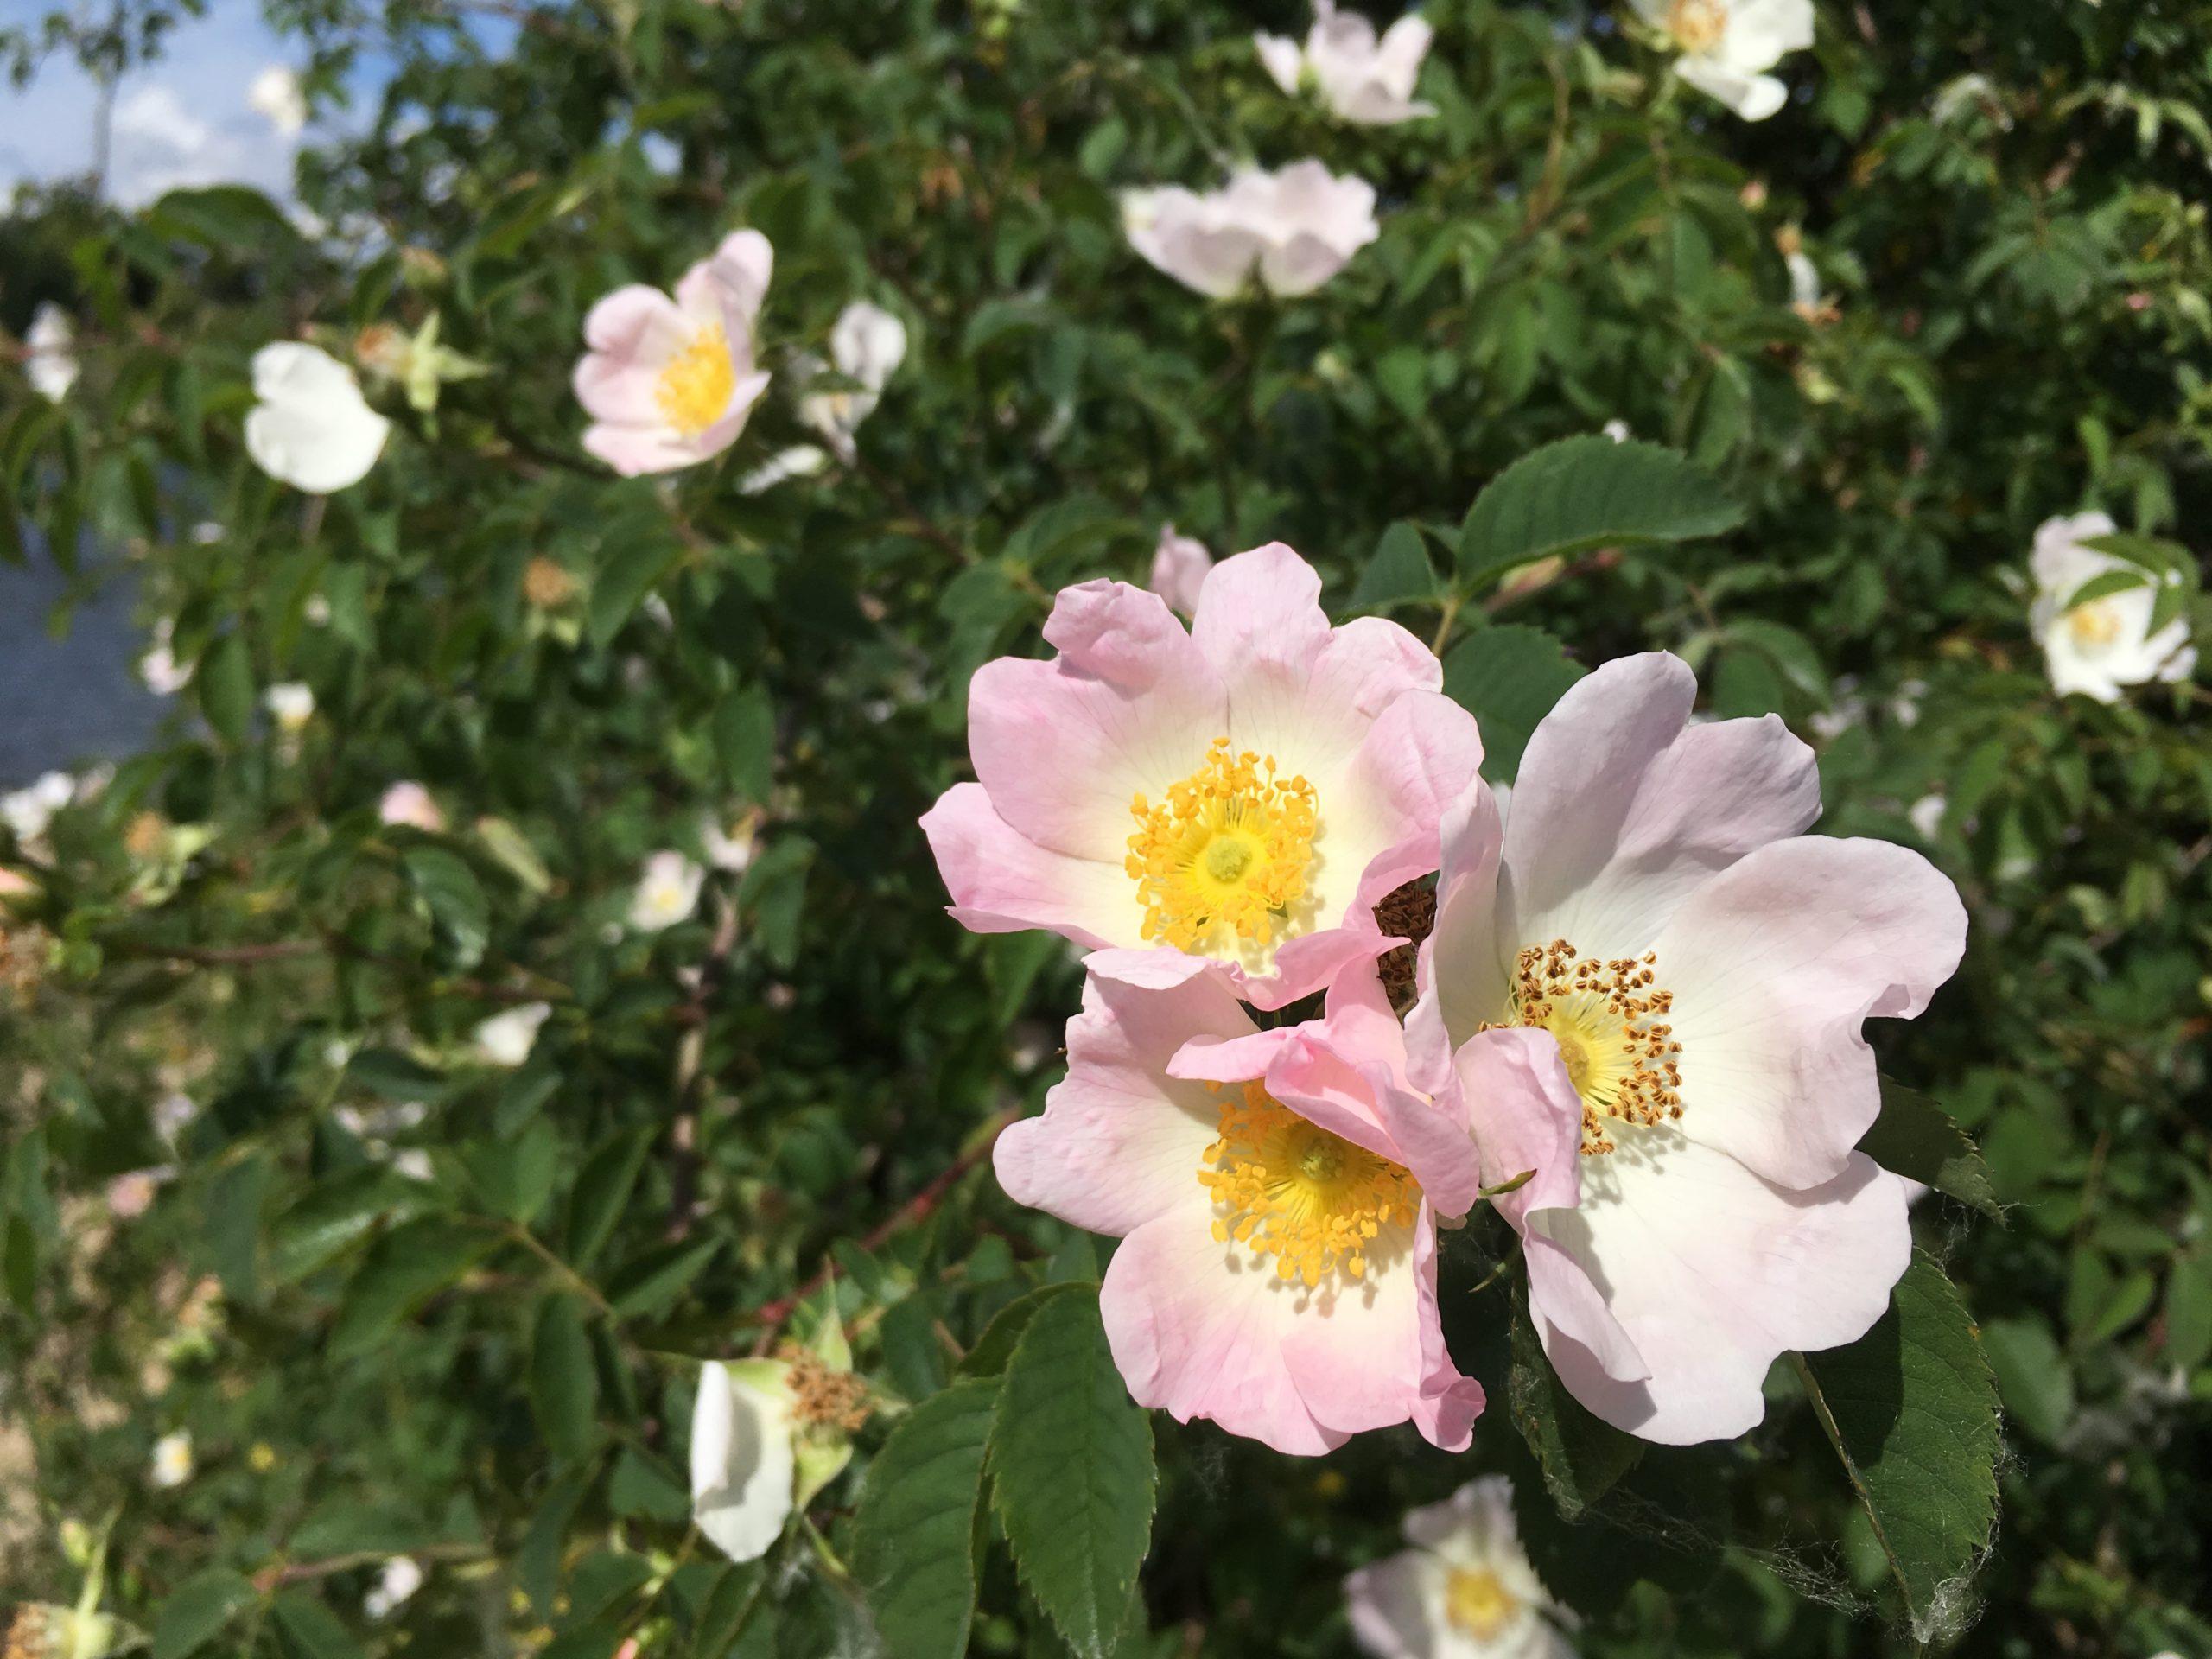 Eglantier plante sauvage comestible à fleurs